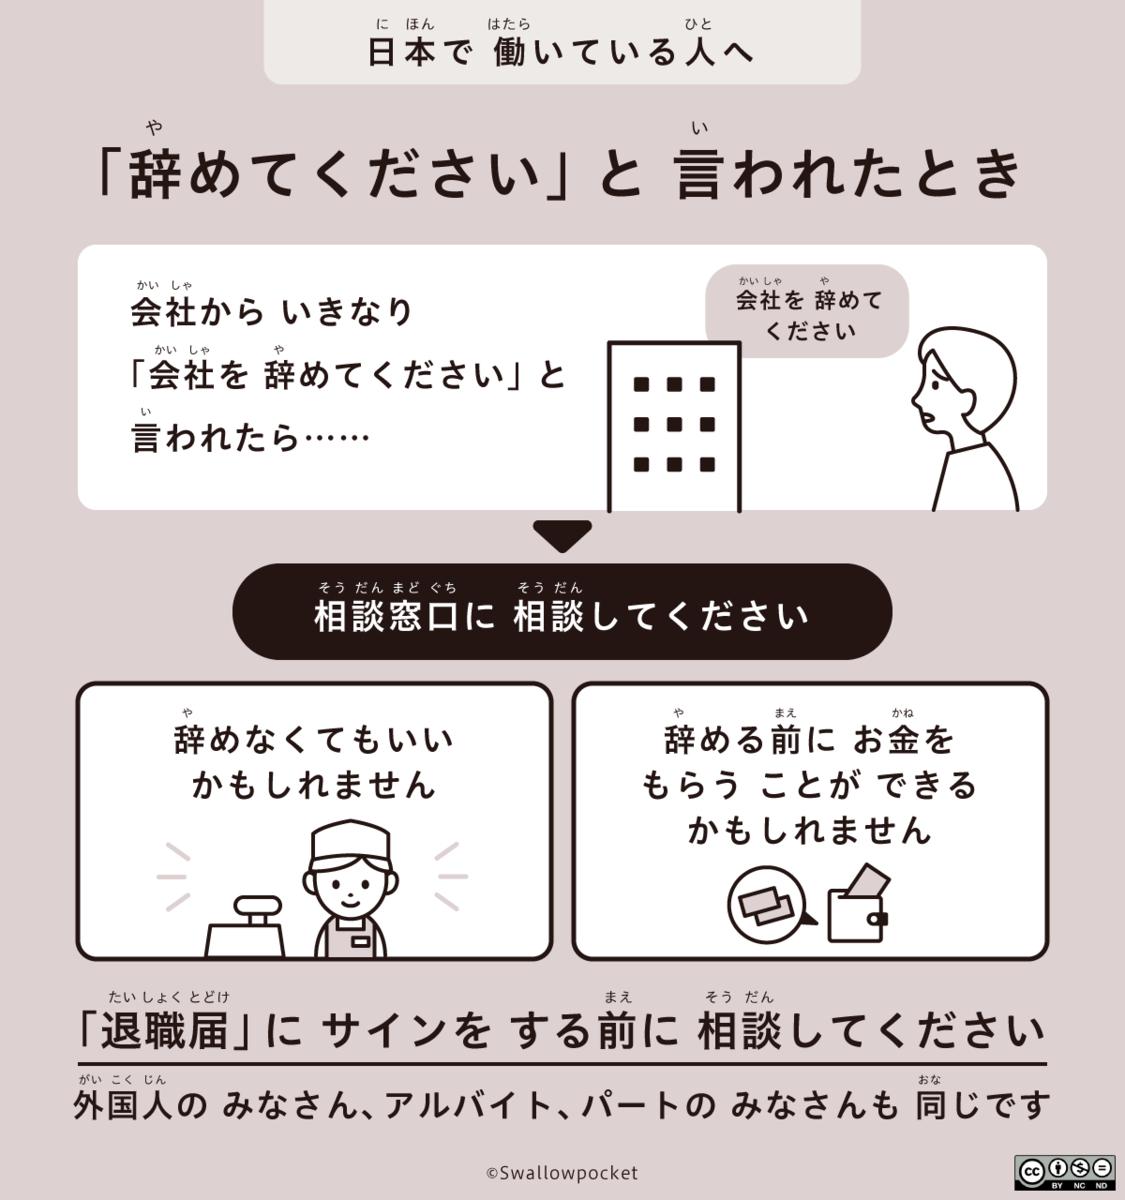 日本で働いている人へ。「辞めてください」と言われたときの説明。詳細は本文。